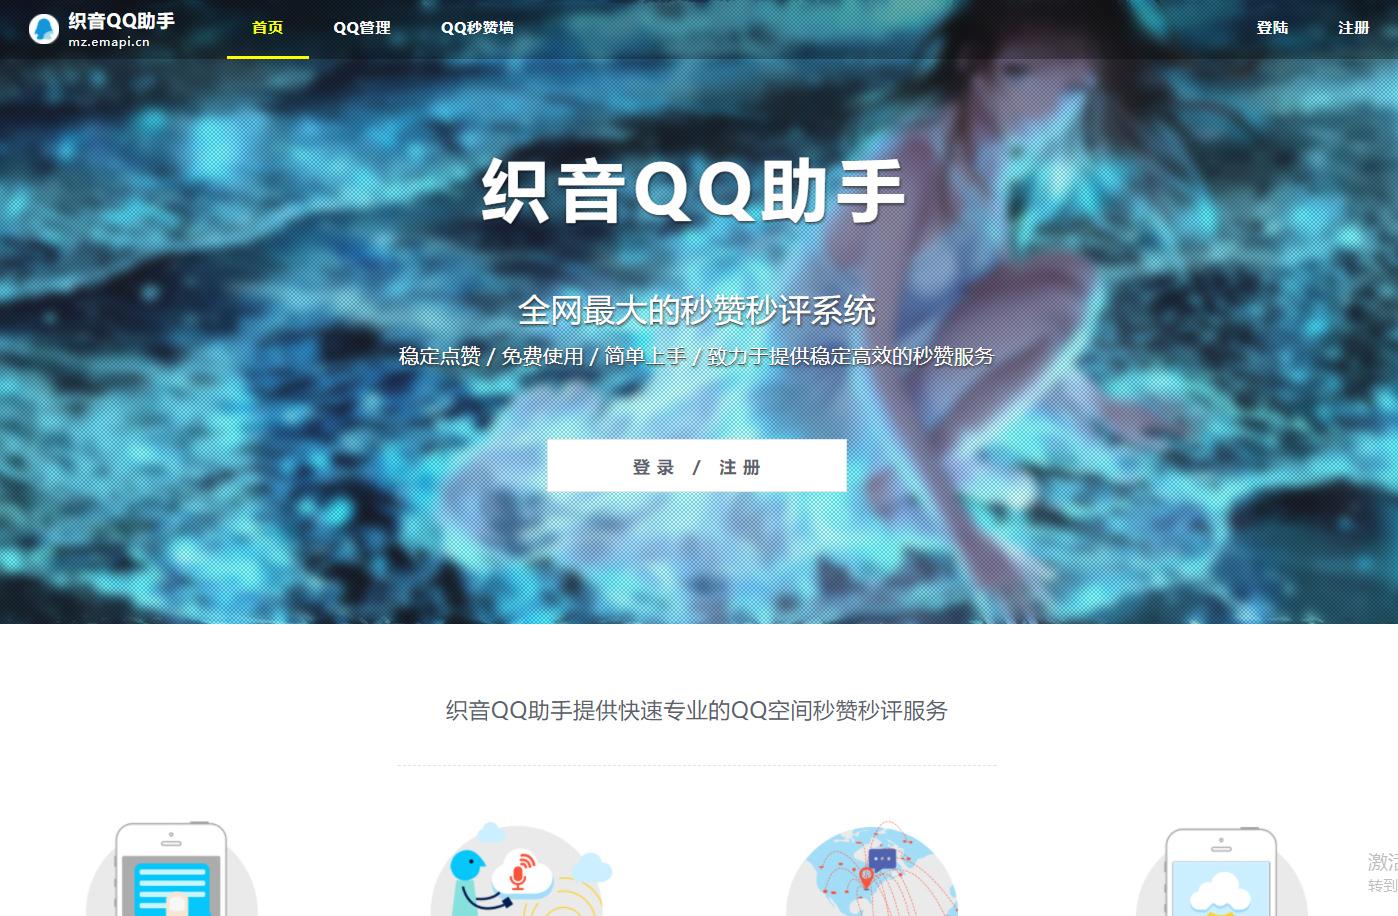 织音QQ助手V1014开源版网站源码增加互赞与挂机功能-找主题源码